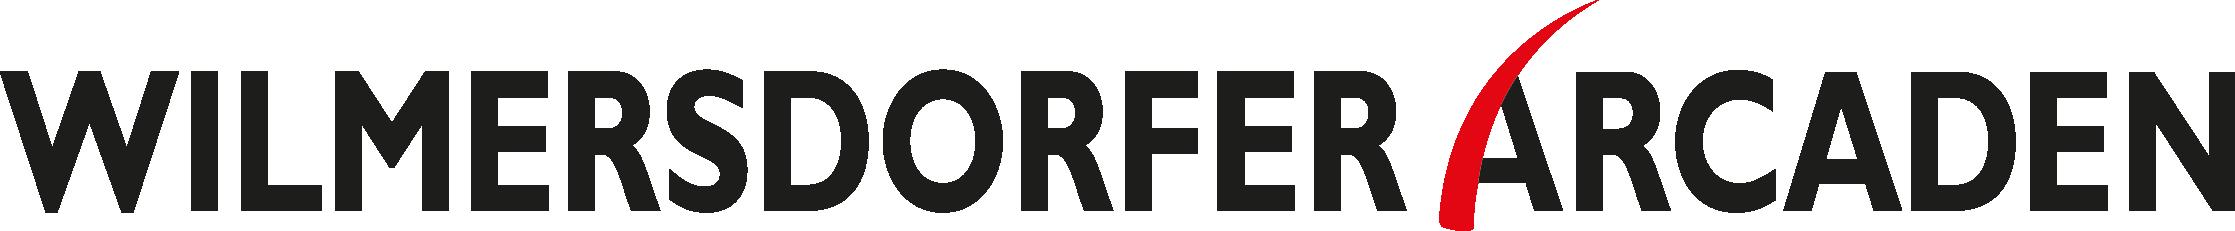 Wilmersdorfer Arcaden Logo